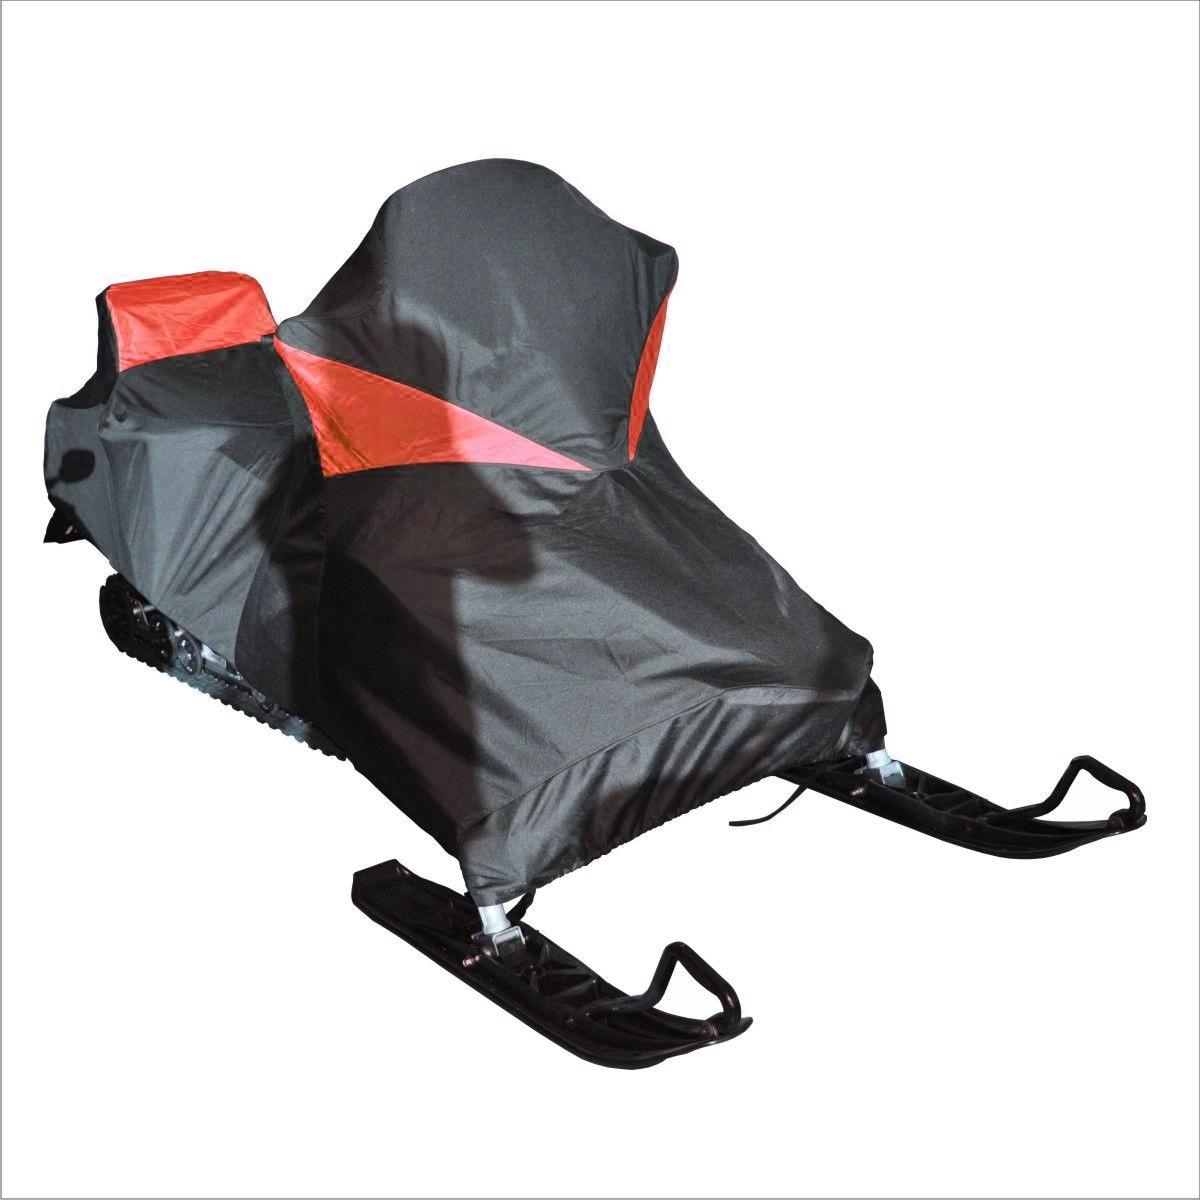 Чехол транспортировочный AG-brand для снегохода Yamaha Venture RS, цвет: черный, красныйAG-YAM-SMB-VRS-TCЧехол для транспортировки изготовлен из высокопрочной ткани с водоотталкивающей пропиткой. Чехол имеет светоотражающий кант для улучшения видимости в темноте. Резинки в передней и задней части чехла позволяют быстро и легко одеть чехол на технику. Чехол крепится к снегоходу в трех местах при помощи утягивающих строп (входят в комплект). Чехол закрывает снегоход вместе с амортизаторами и имеет клапана для выхода избыточного давления воздуха. На чехле установлена молния для быстрого доступа к заливной горловине бака.